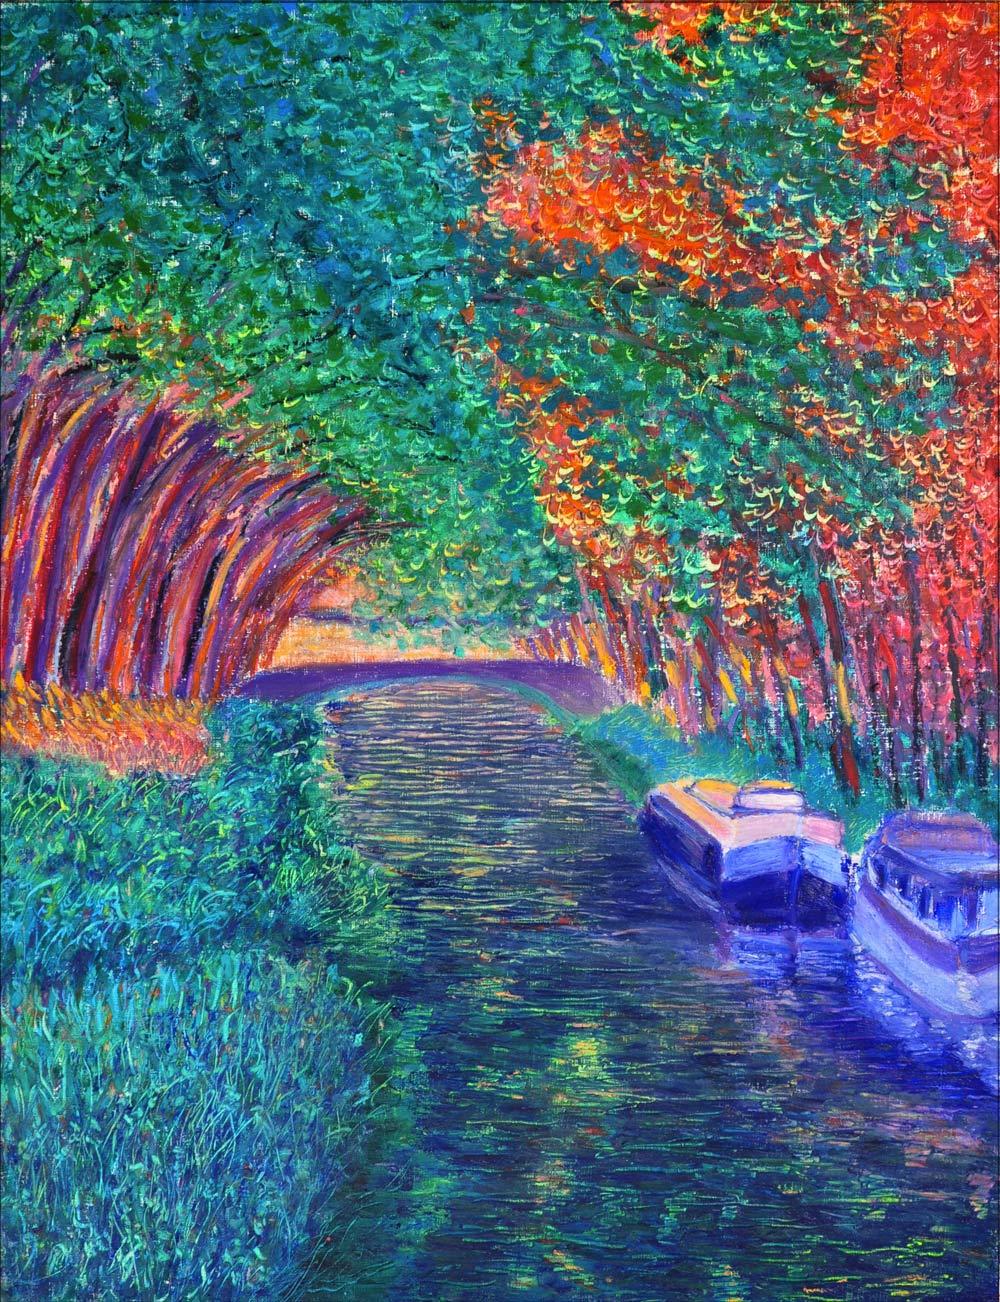 Le soir sur le canal. Pastel à l'huile sur papier, 50x65, 2015